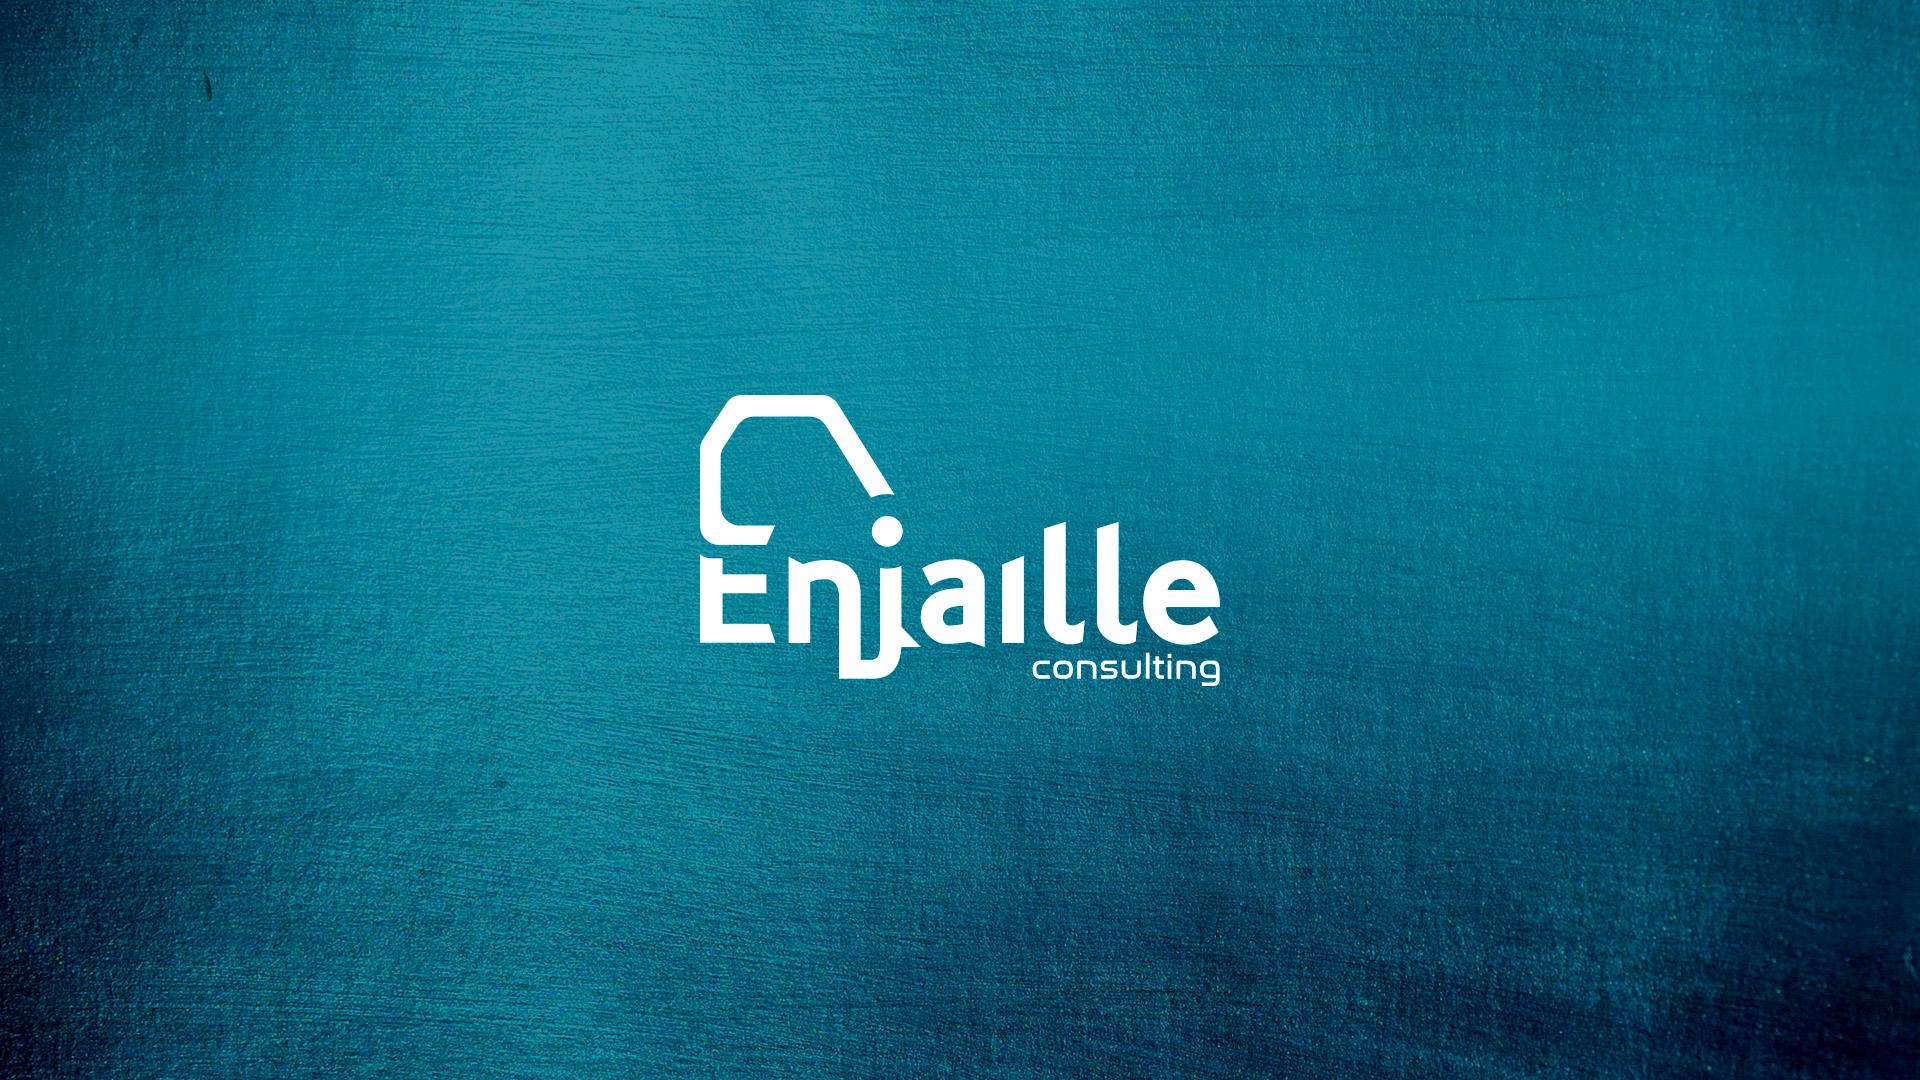 enjaille splash image